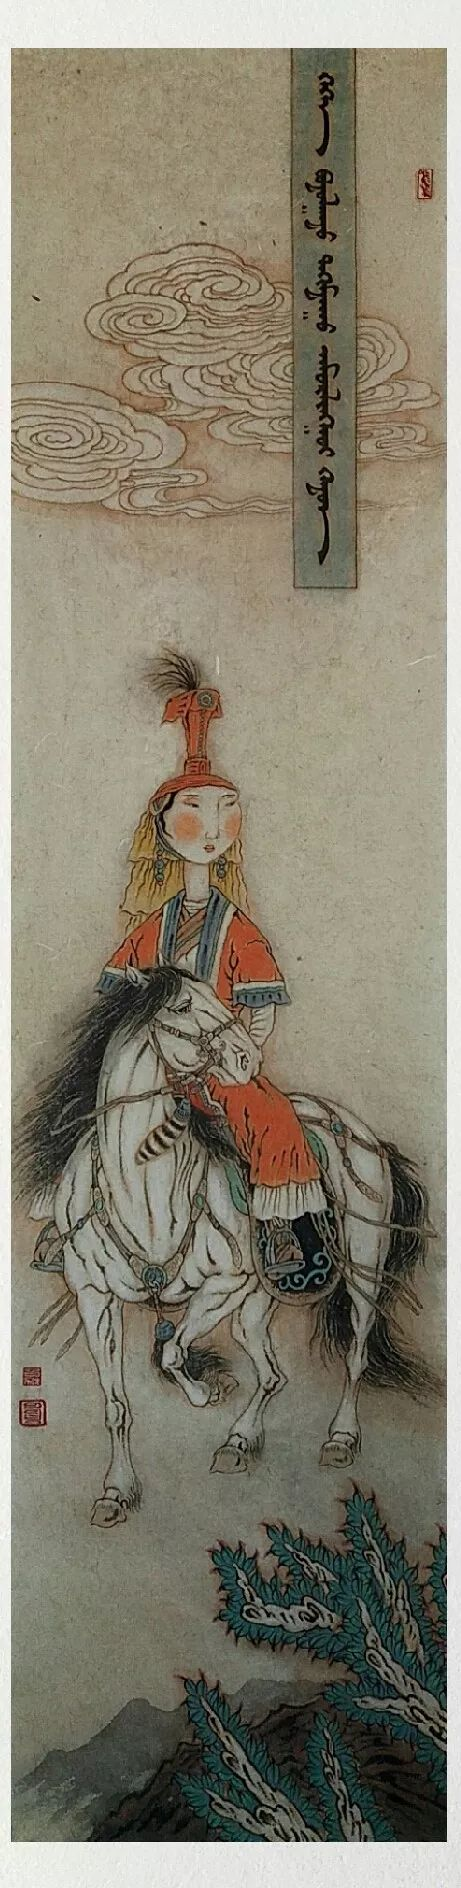 内蒙古当代美术家系列——白嘎力中国画作品选 第16张